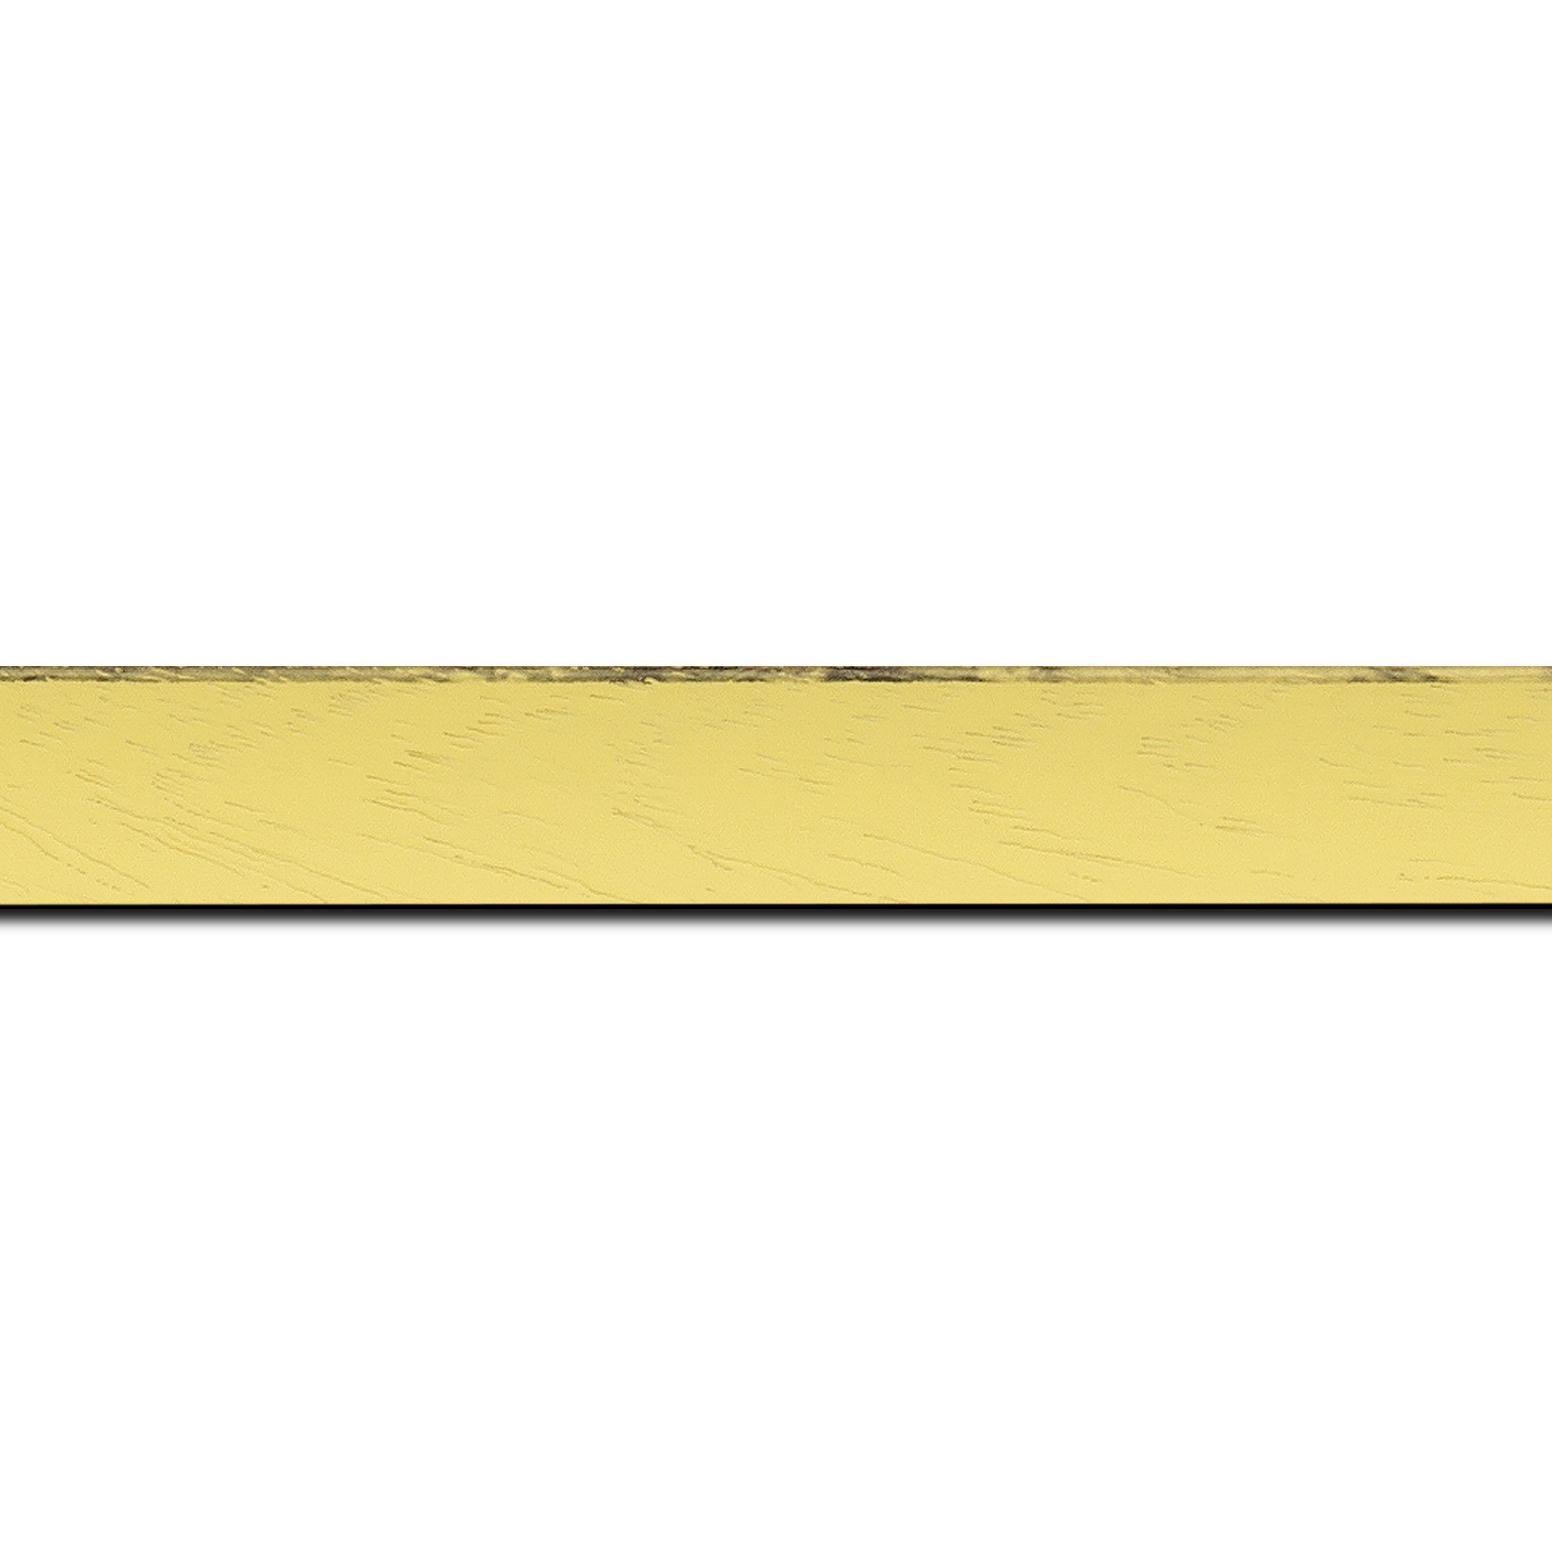 Baguette longueur 1.40m bois profil concave largeur 2.4cm couleur jaune tonique satiné arêtes essuyés noircies de chaque coté